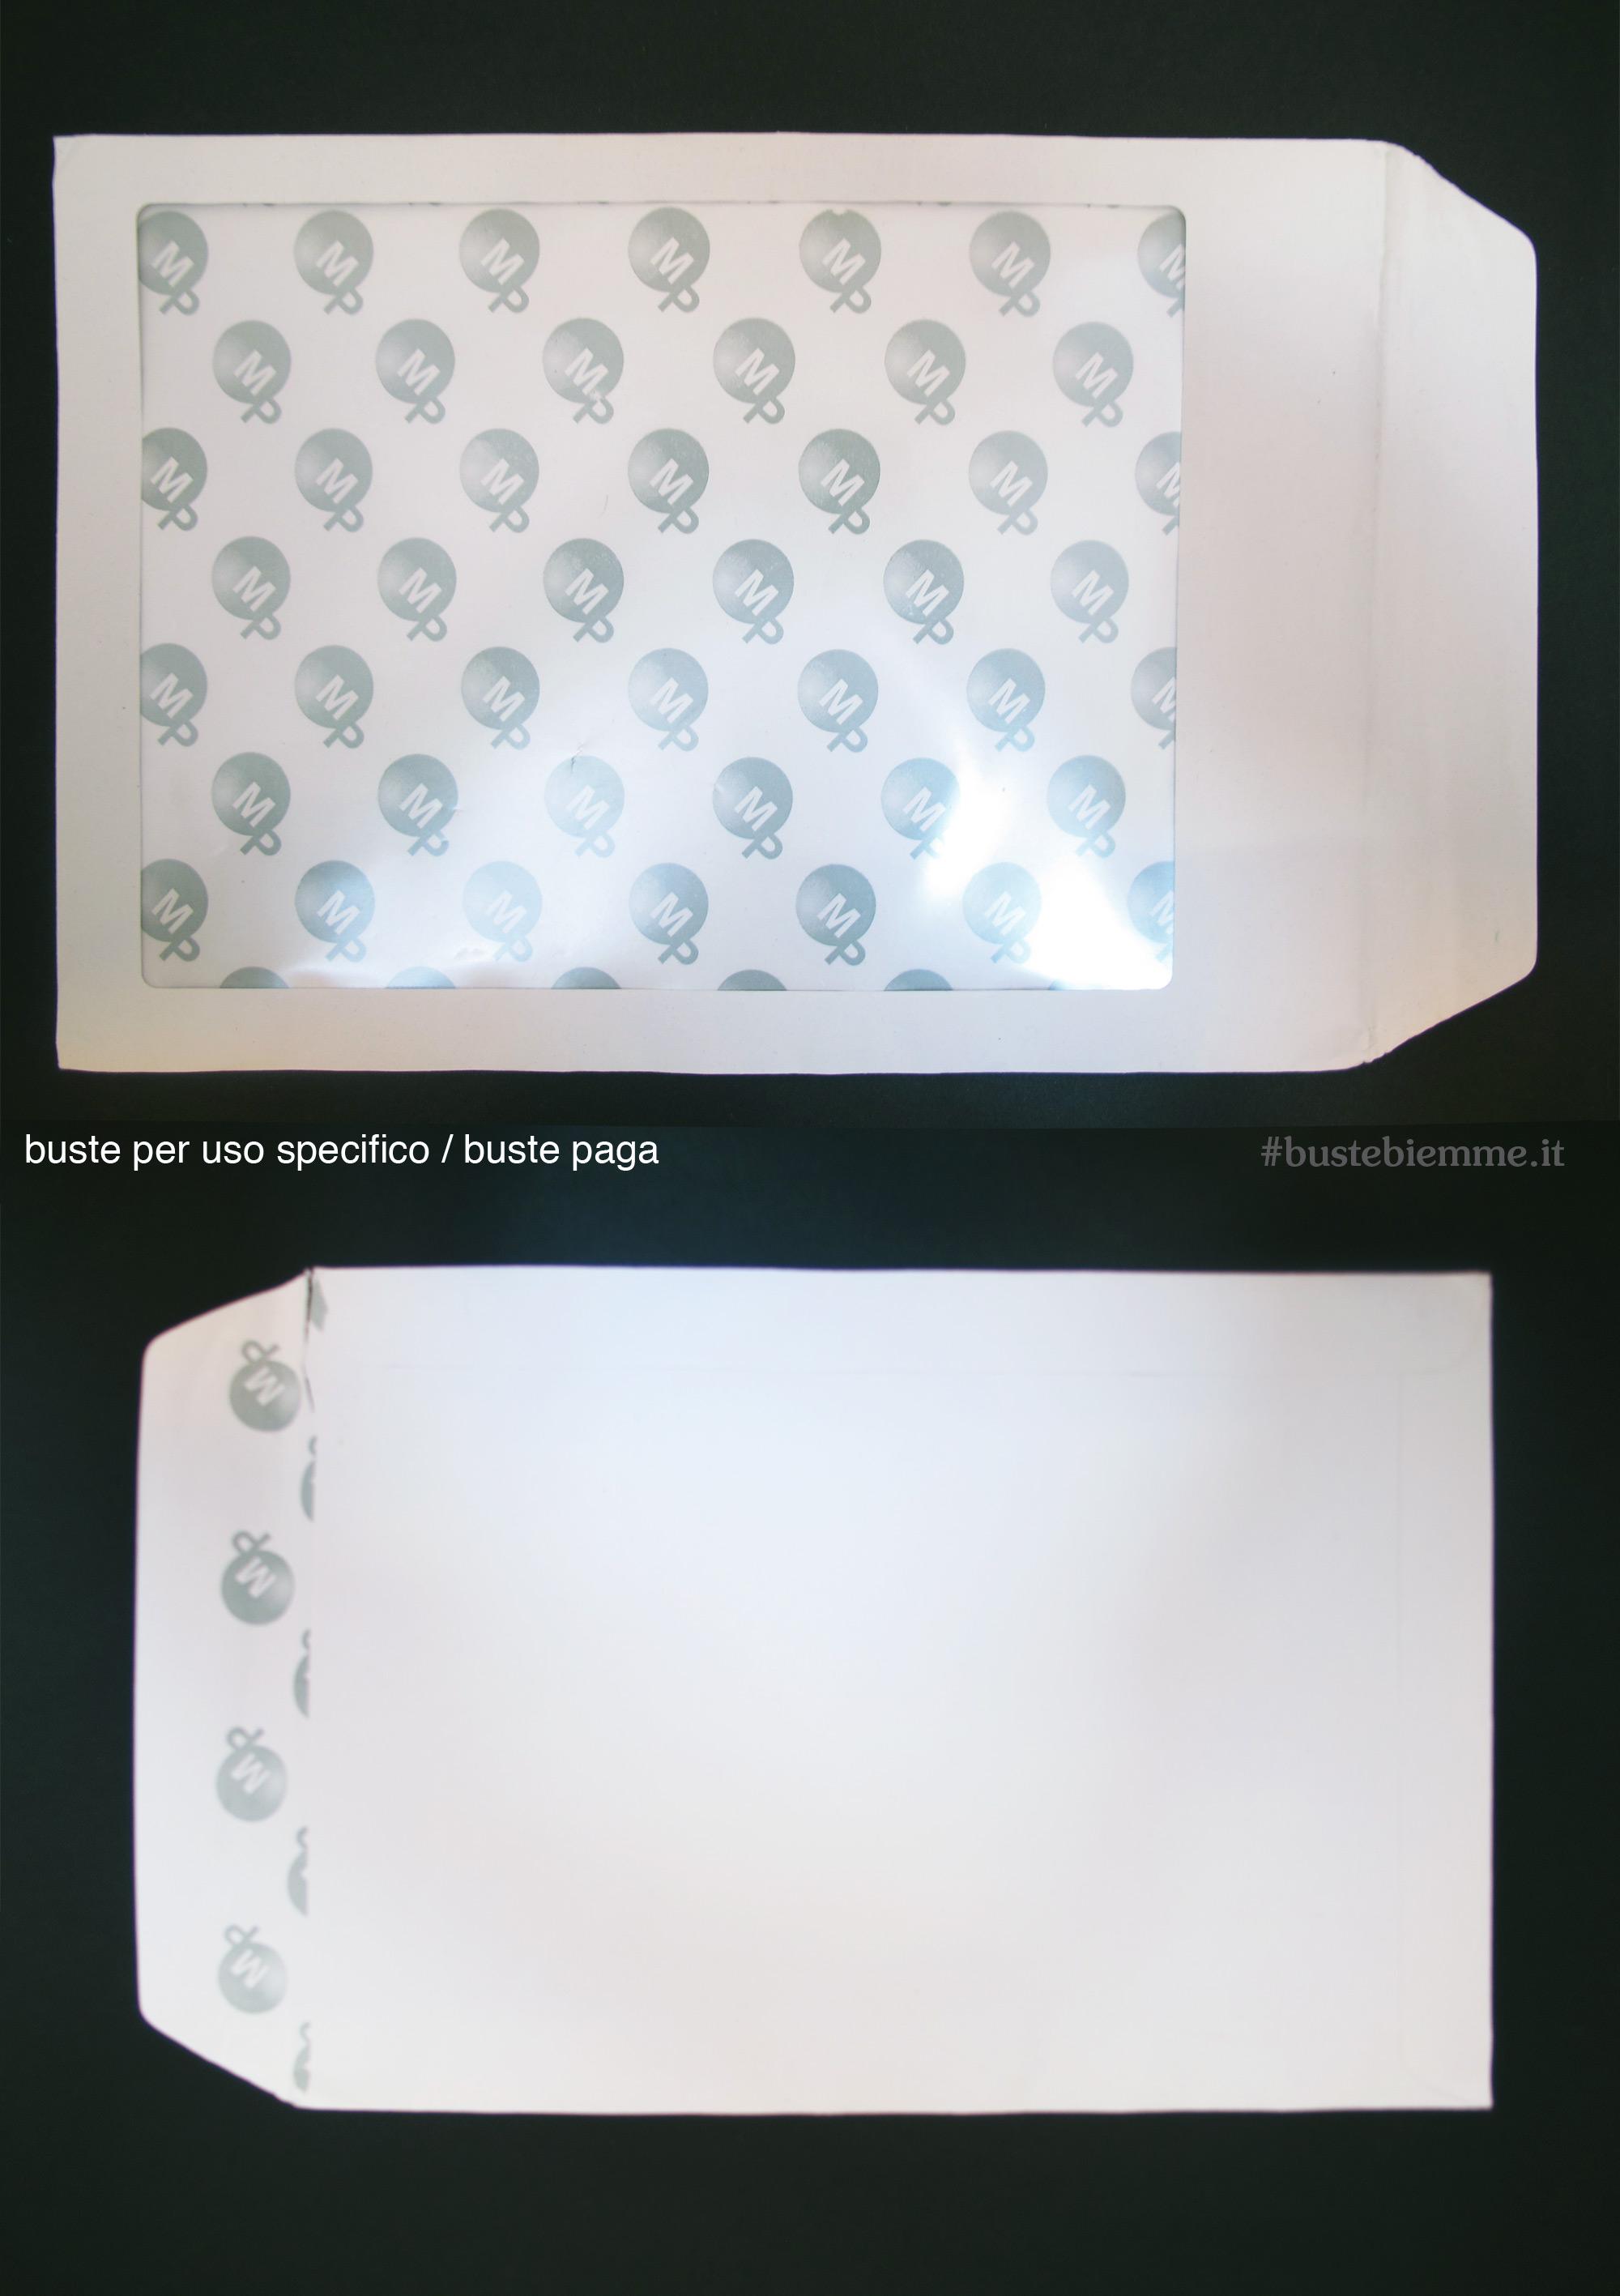 buste paga con finestra in dimensione speciale